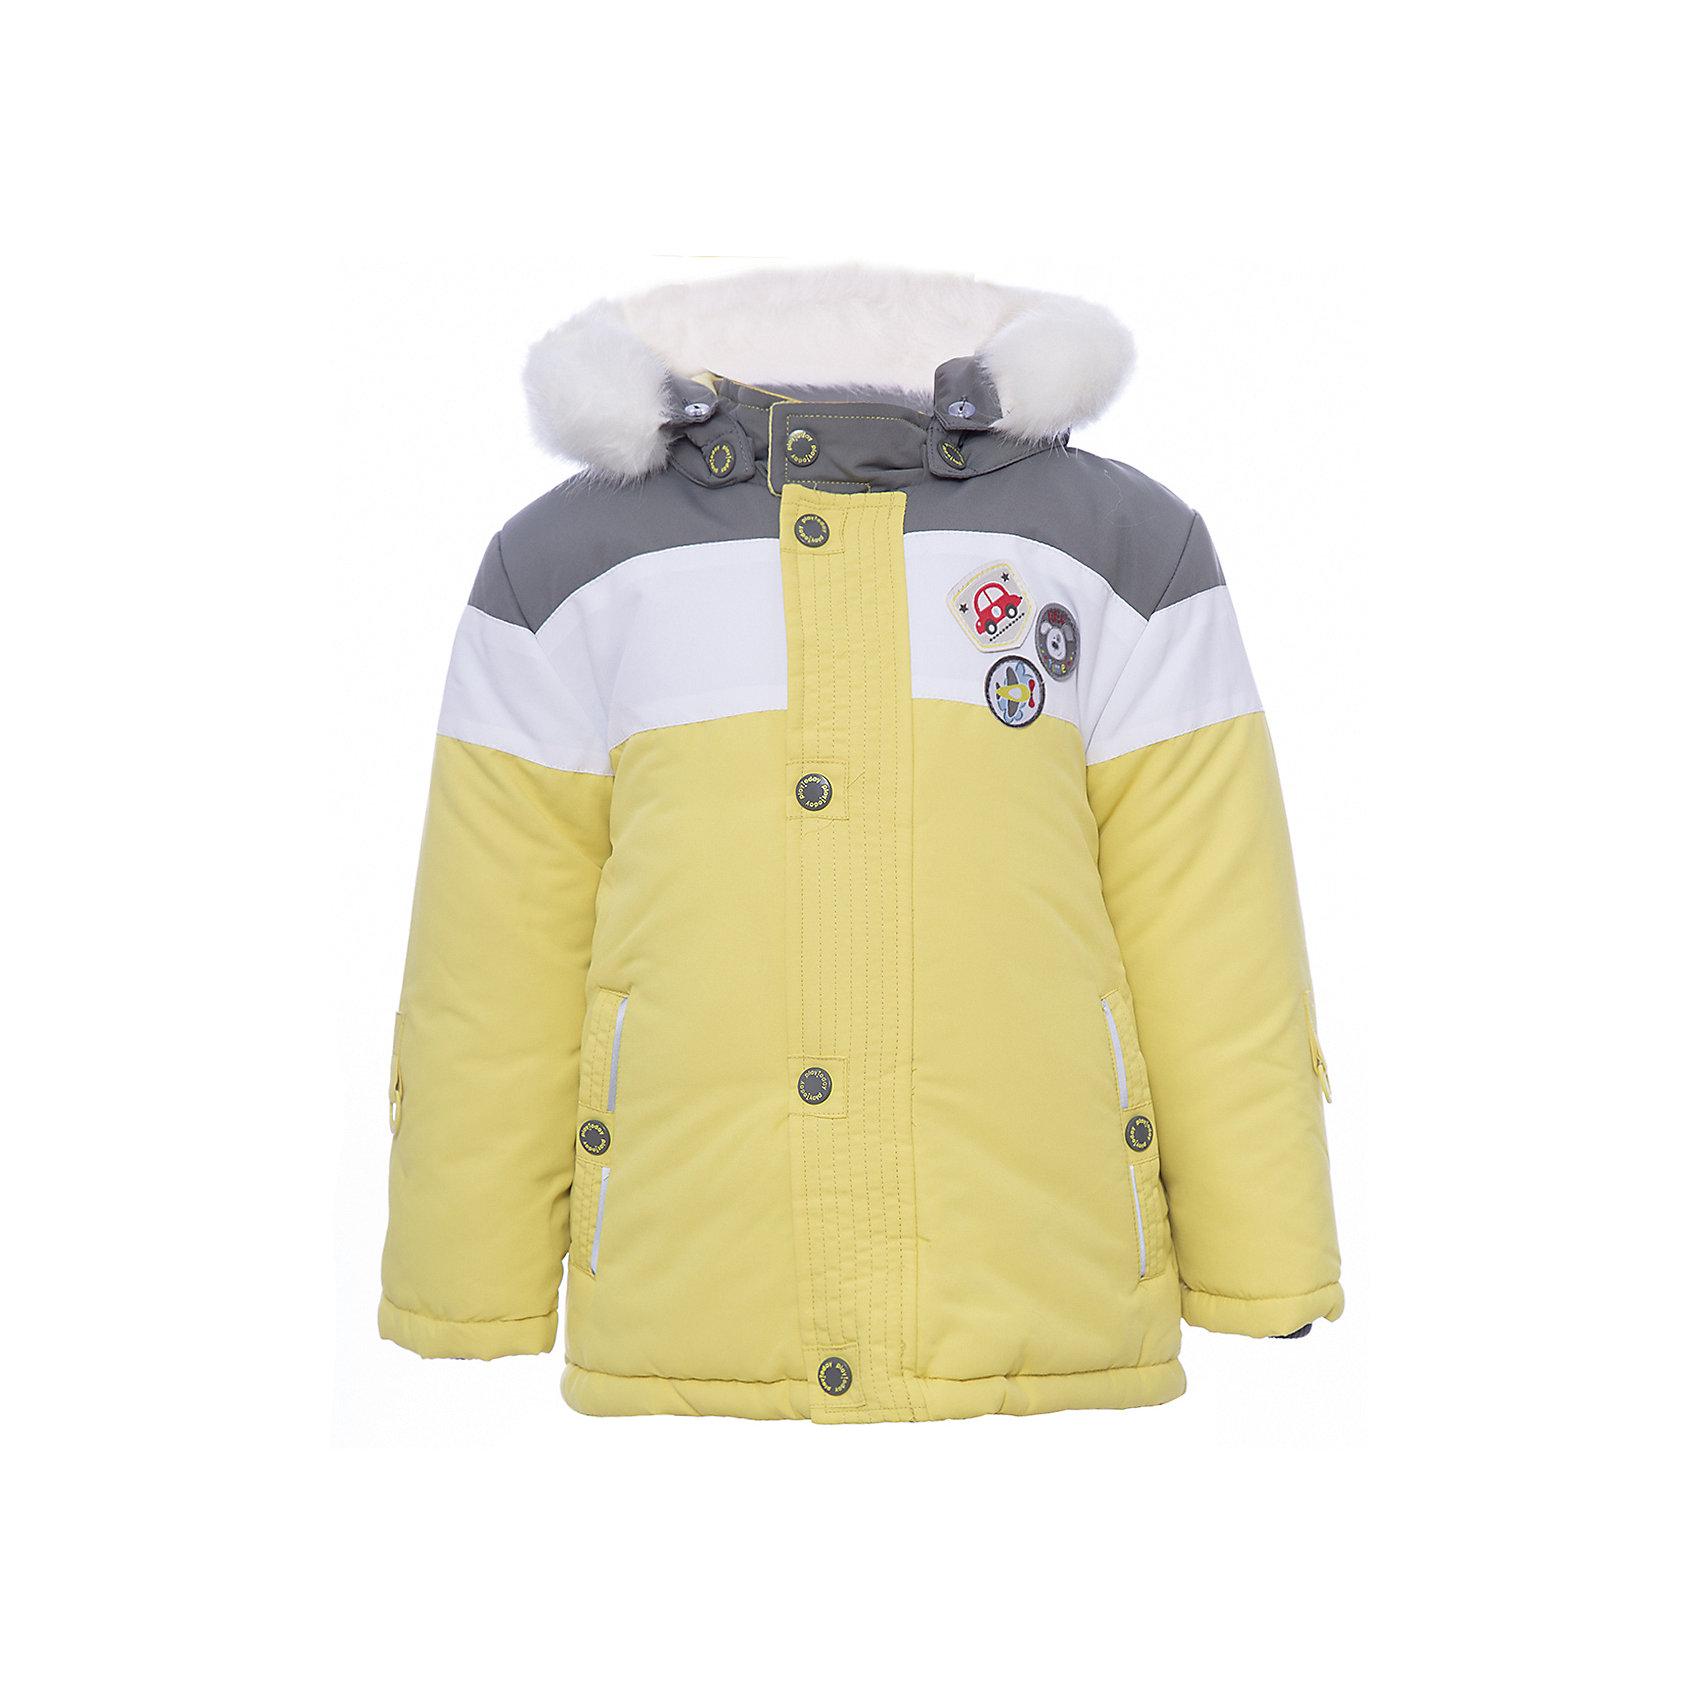 Куртка PlayToday для мальчикаДемисезонные куртки<br>Куртка PlayToday для мальчика<br>Куртка из ткани с водоотталкивающей пропиткой будет актуальна в холодную погоду. Капюшон на кнопках, декорирован искусственным мехом по контуру. Модель на молнии, с заниженной спинкой, дополнена снегозащитной юбкой. Подкладка из мягкого велюра. В качестве декора использованы небольшие аппликации. Рукава дополнены специальными кольцами для перчаток. Низ куртки на регулируемом шнуре - кулиске.<br>Состав:<br>Верх: 100% полиэстер, подкладка: 80% хлопок, 20% полиэстер, Утеплитель 100% полиэстер, 300 г/м2<br><br>Ширина мм: 356<br>Глубина мм: 10<br>Высота мм: 245<br>Вес г: 519<br>Цвет: белый<br>Возраст от месяцев: 18<br>Возраст до месяцев: 24<br>Пол: Мужской<br>Возраст: Детский<br>Размер: 92,74,80,86<br>SKU: 7109859